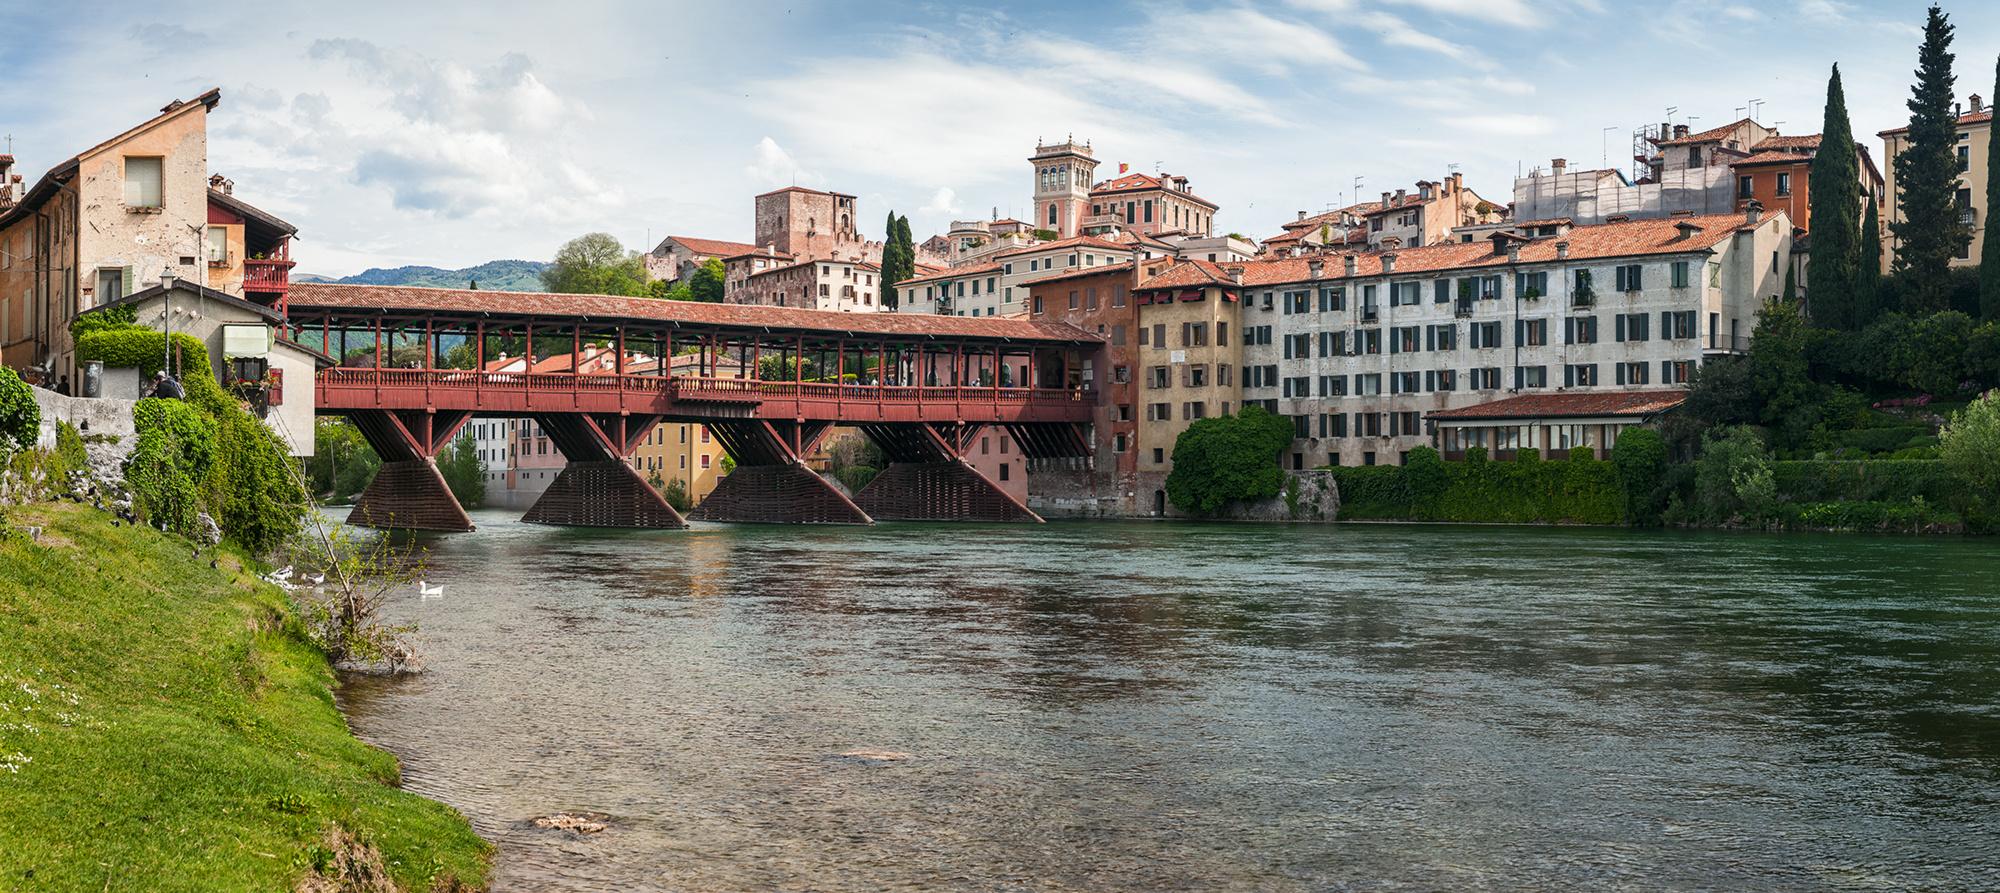 B a s s a n o  mit Ponte Vecchio